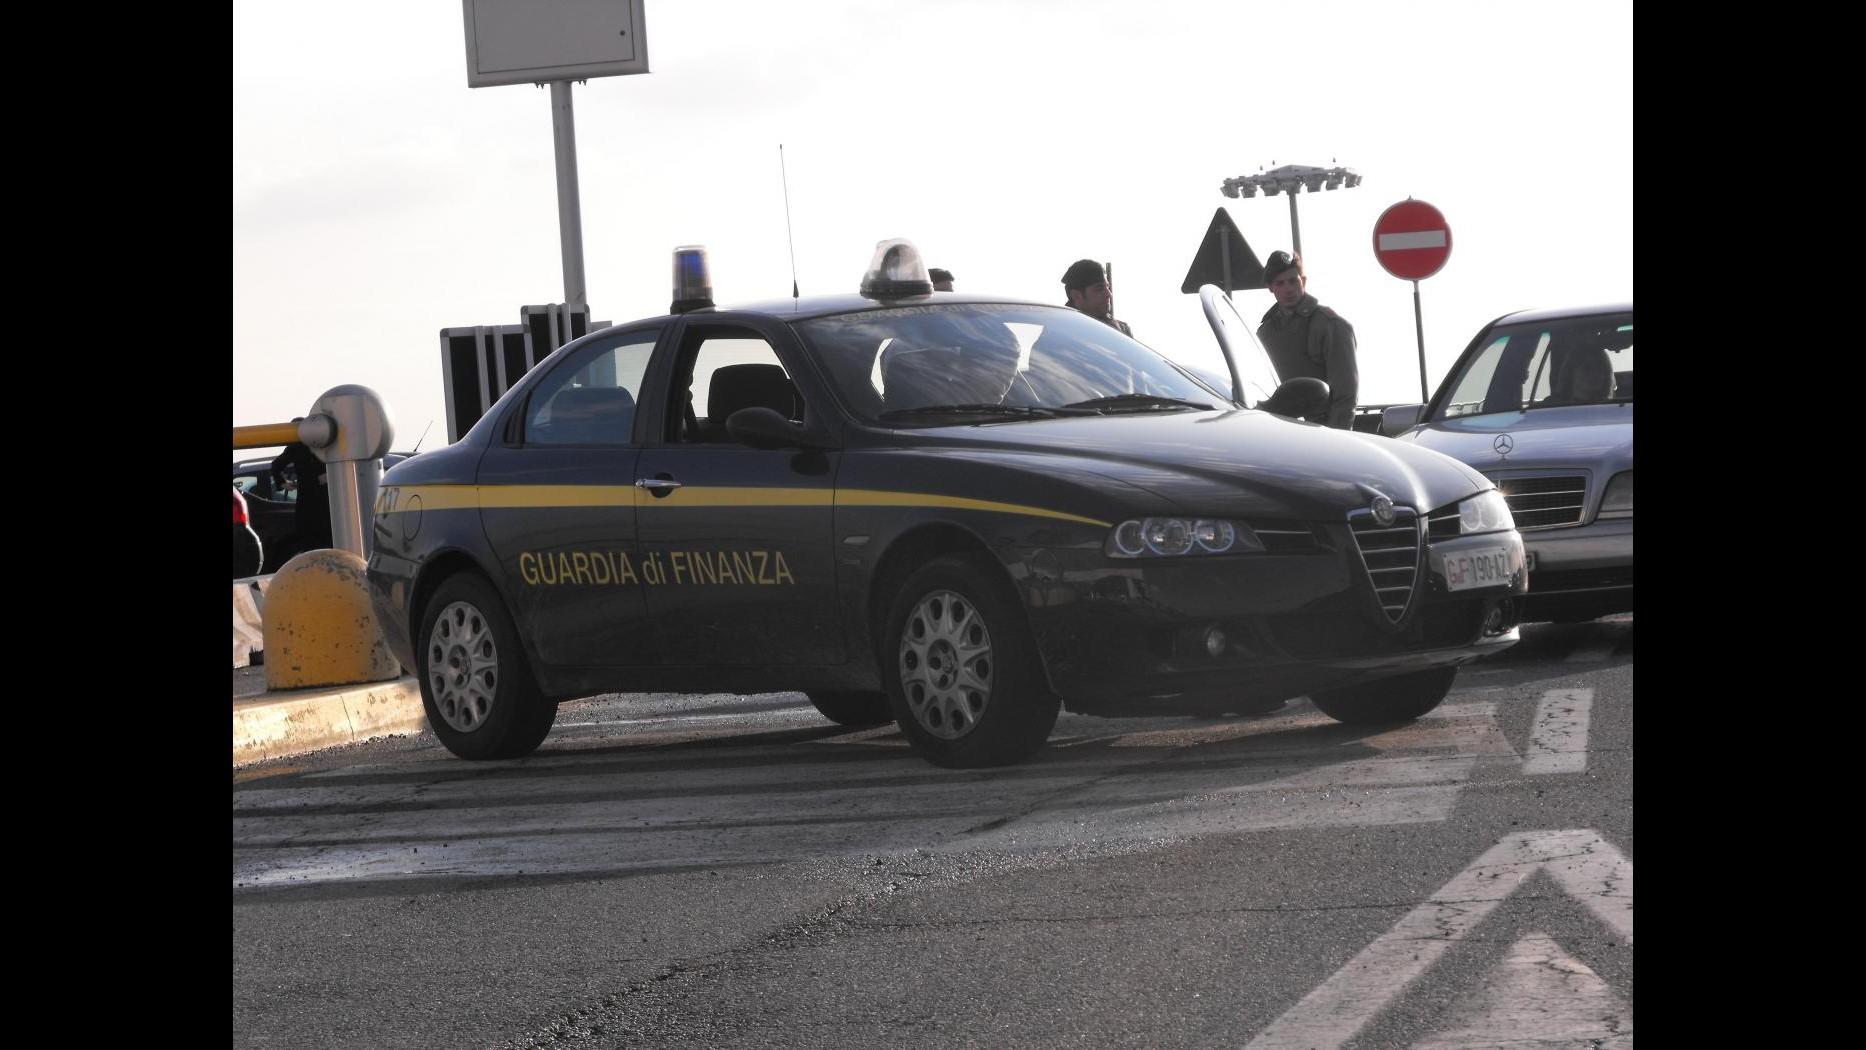 Napoli, maxi evasione fiscale: sequestrati beni per oltre 71 milioni